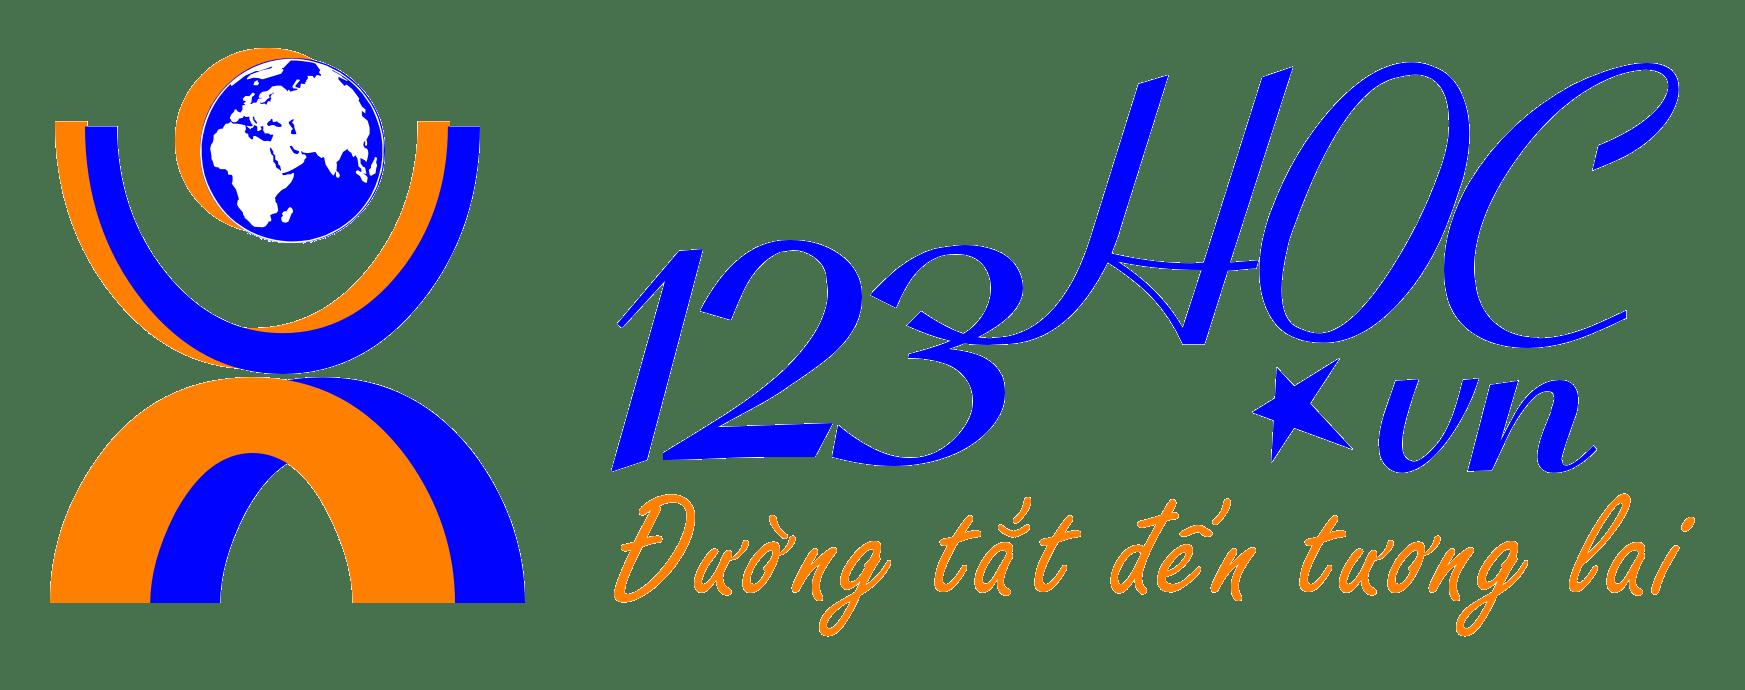 Tổ chức giáo dục 123Học